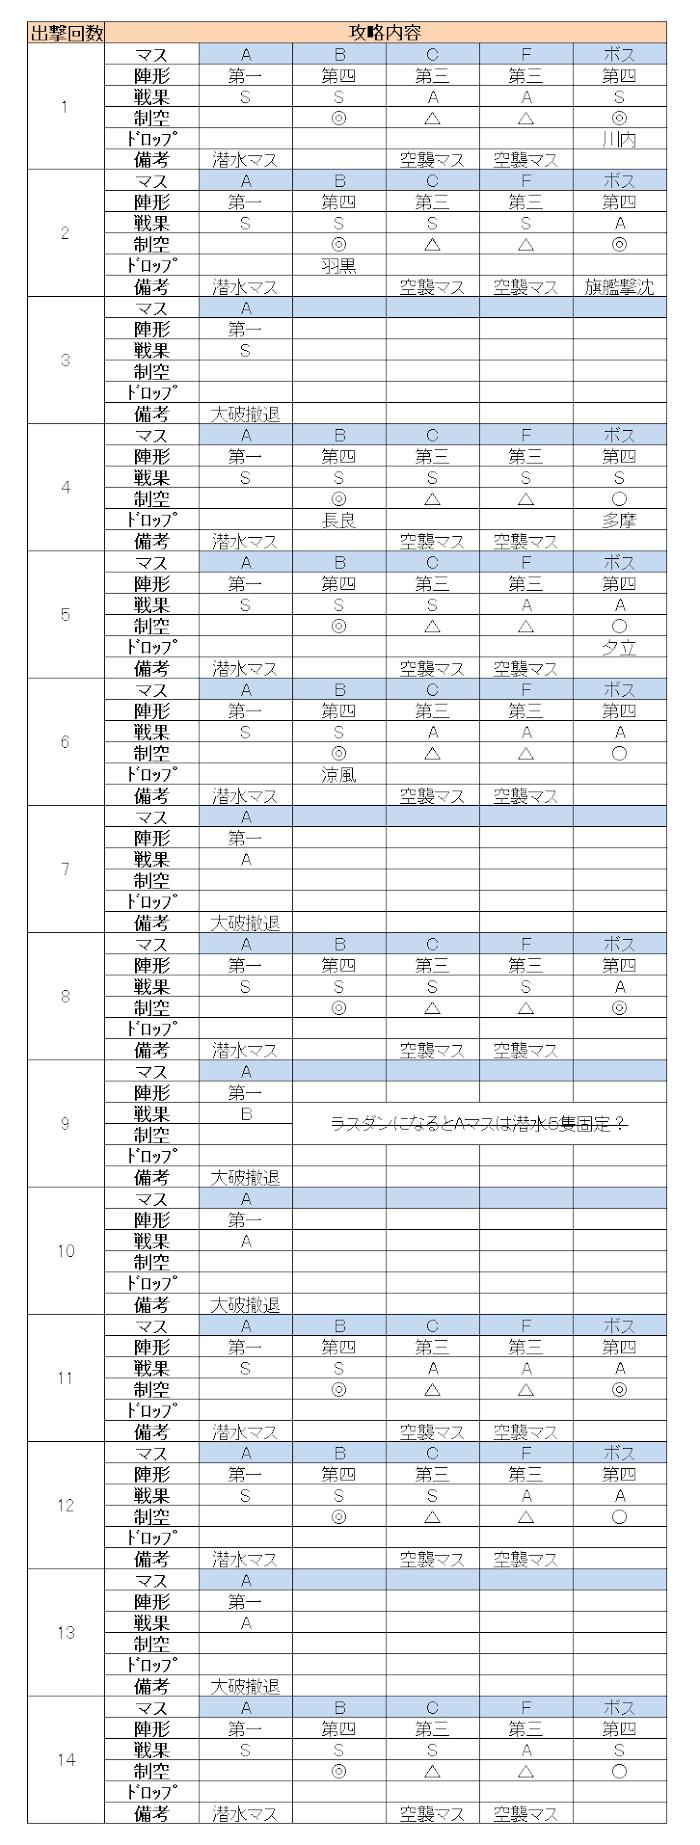 艦これ_2017年_秋イベ_E3_23.png